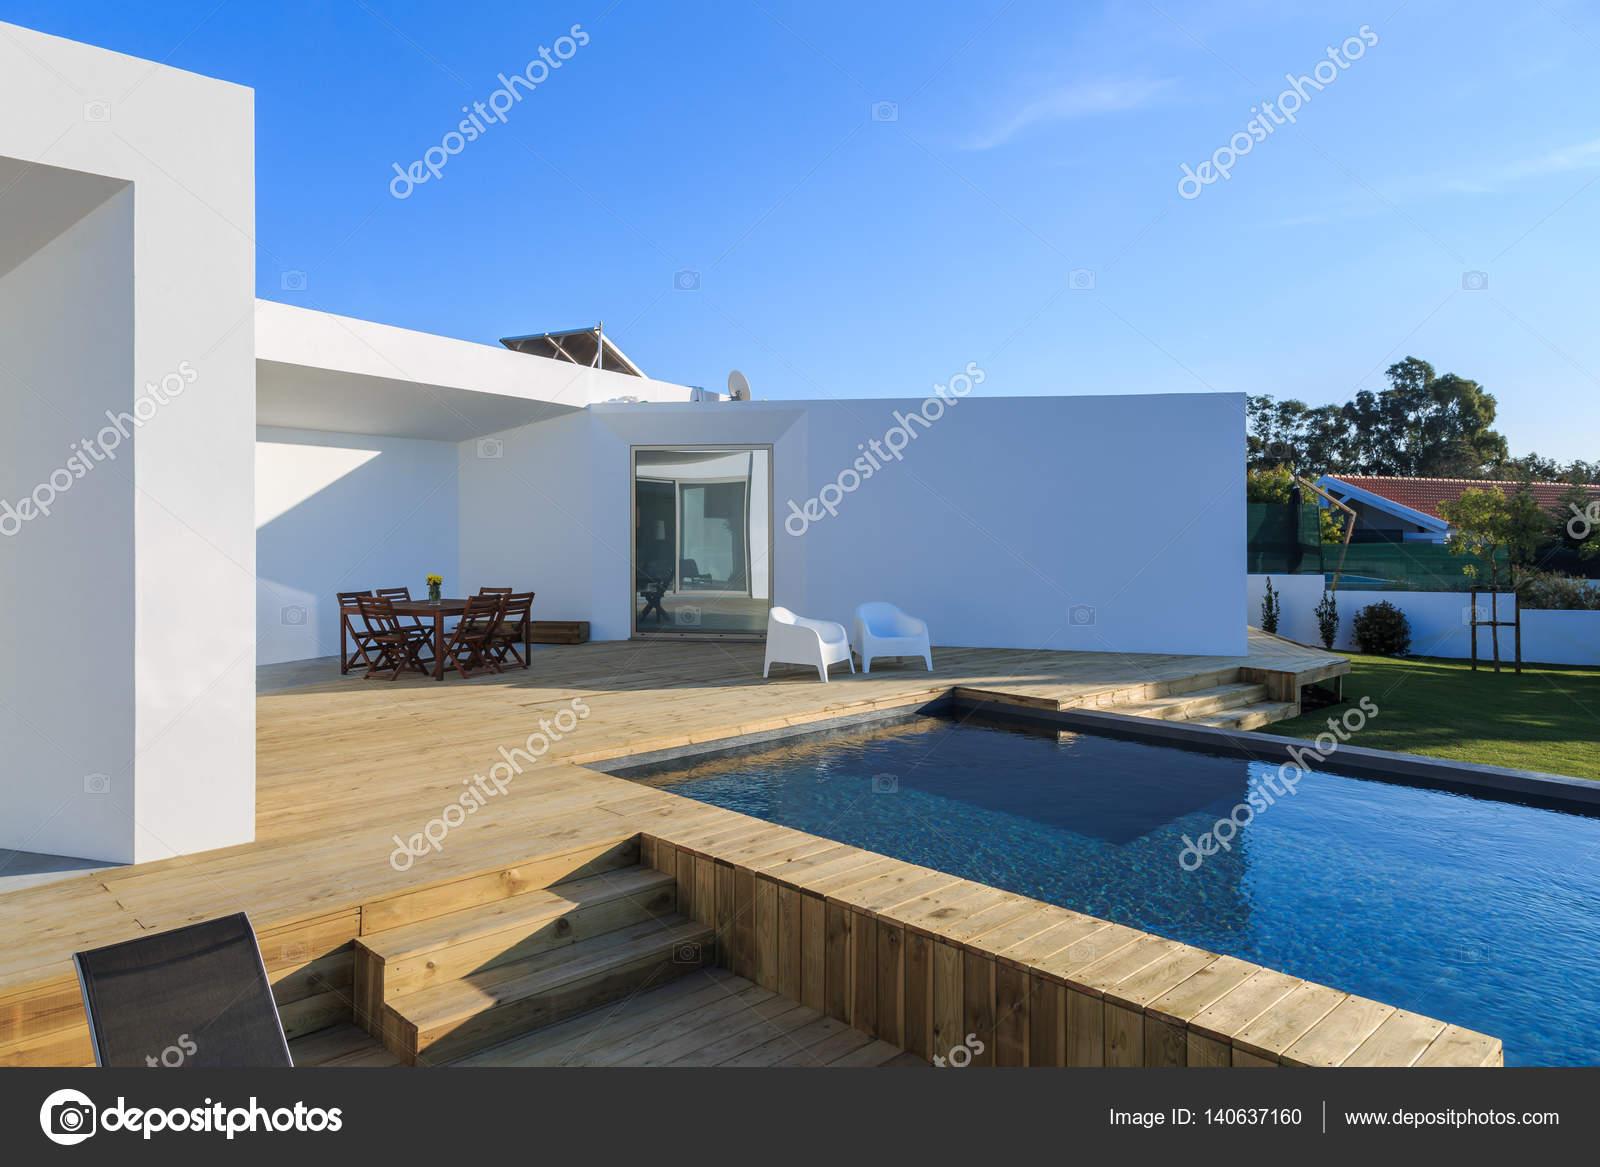 Fotos piscina com deck  Casa moderna con jardn piscina